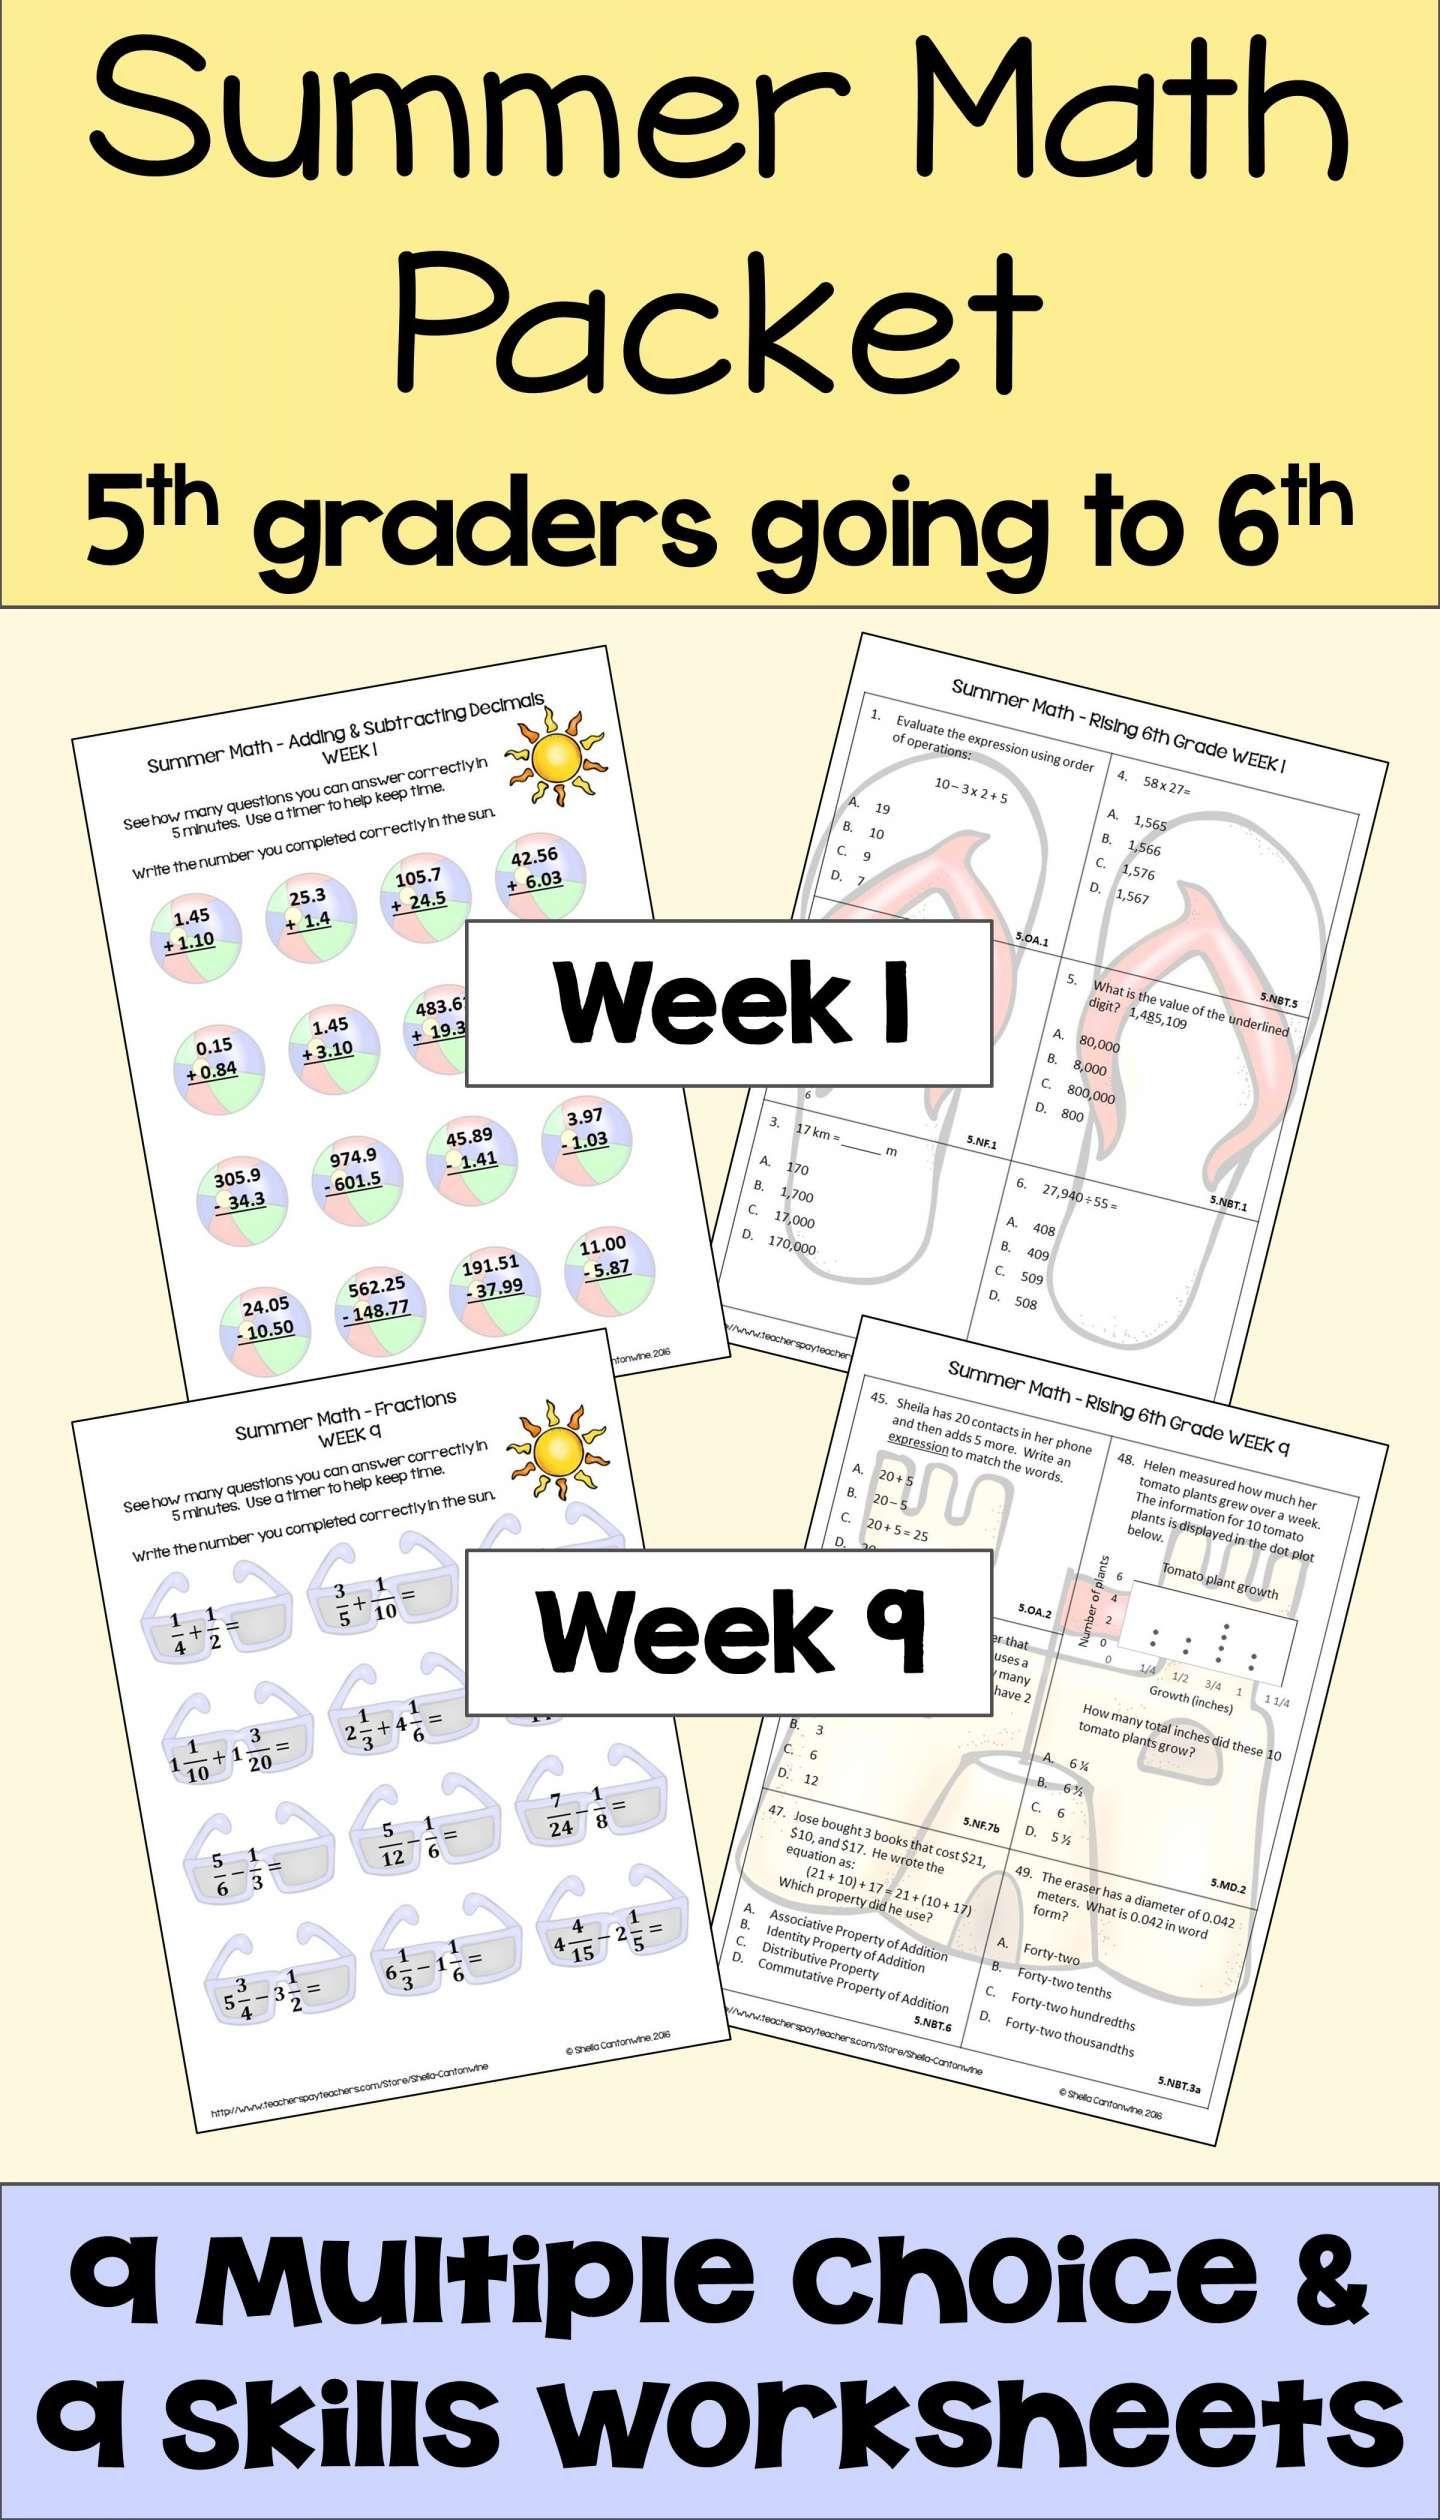 7 Grade 5 Summer Math Worksheet